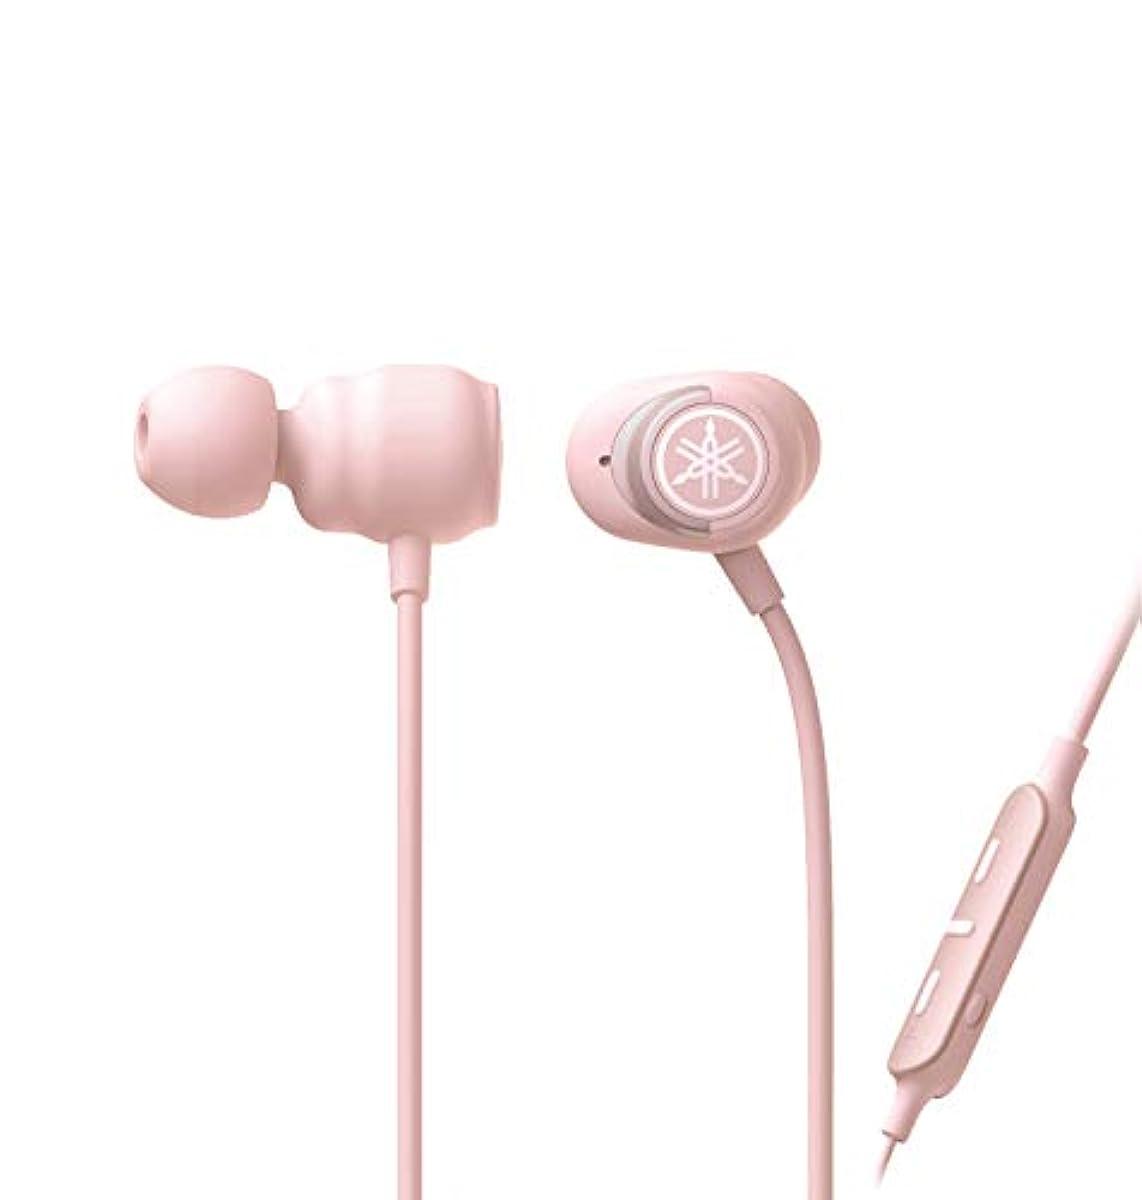 [해외] 야마하 블루투스 노이즈 캔슬링 이어폰 4종 EP-E50A